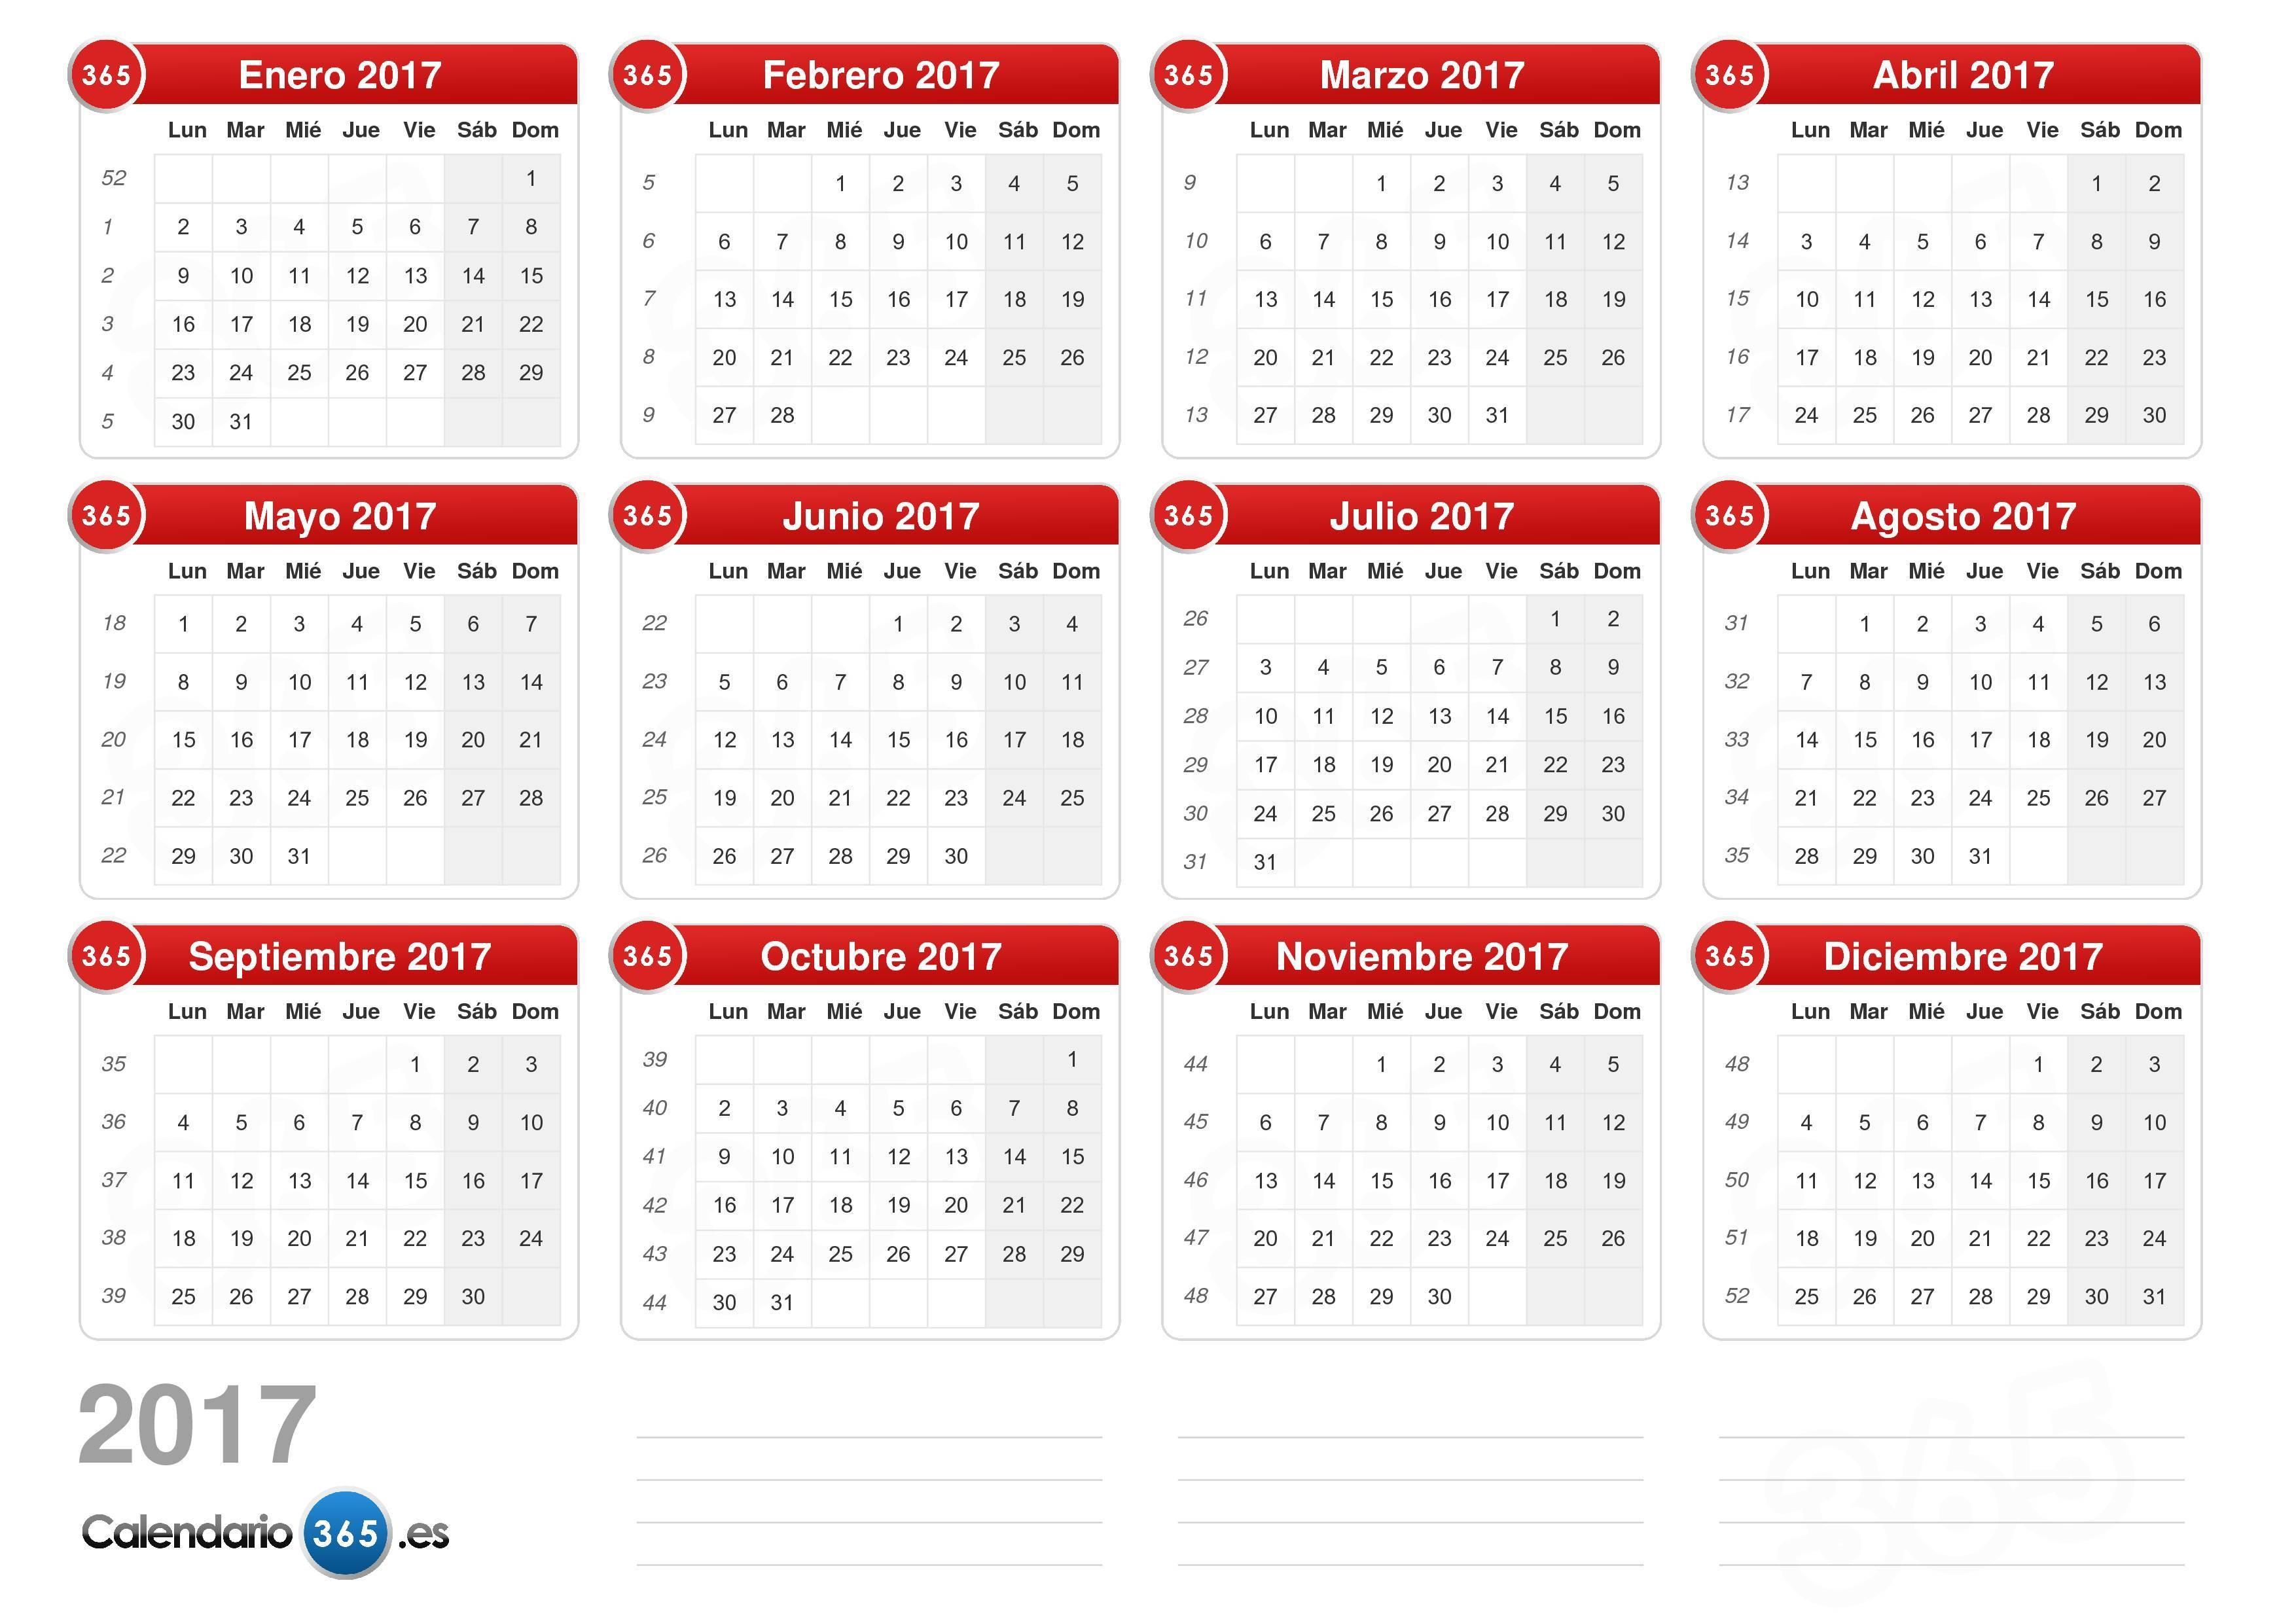 Calendario Para Imprimir Com Feriados 2017 Más Populares Calendario 2017 Of Calendario Para Imprimir Com Feriados 2017 Recientes 2019 2018 Calendar Printable with Holidays List Kalender Kalendar